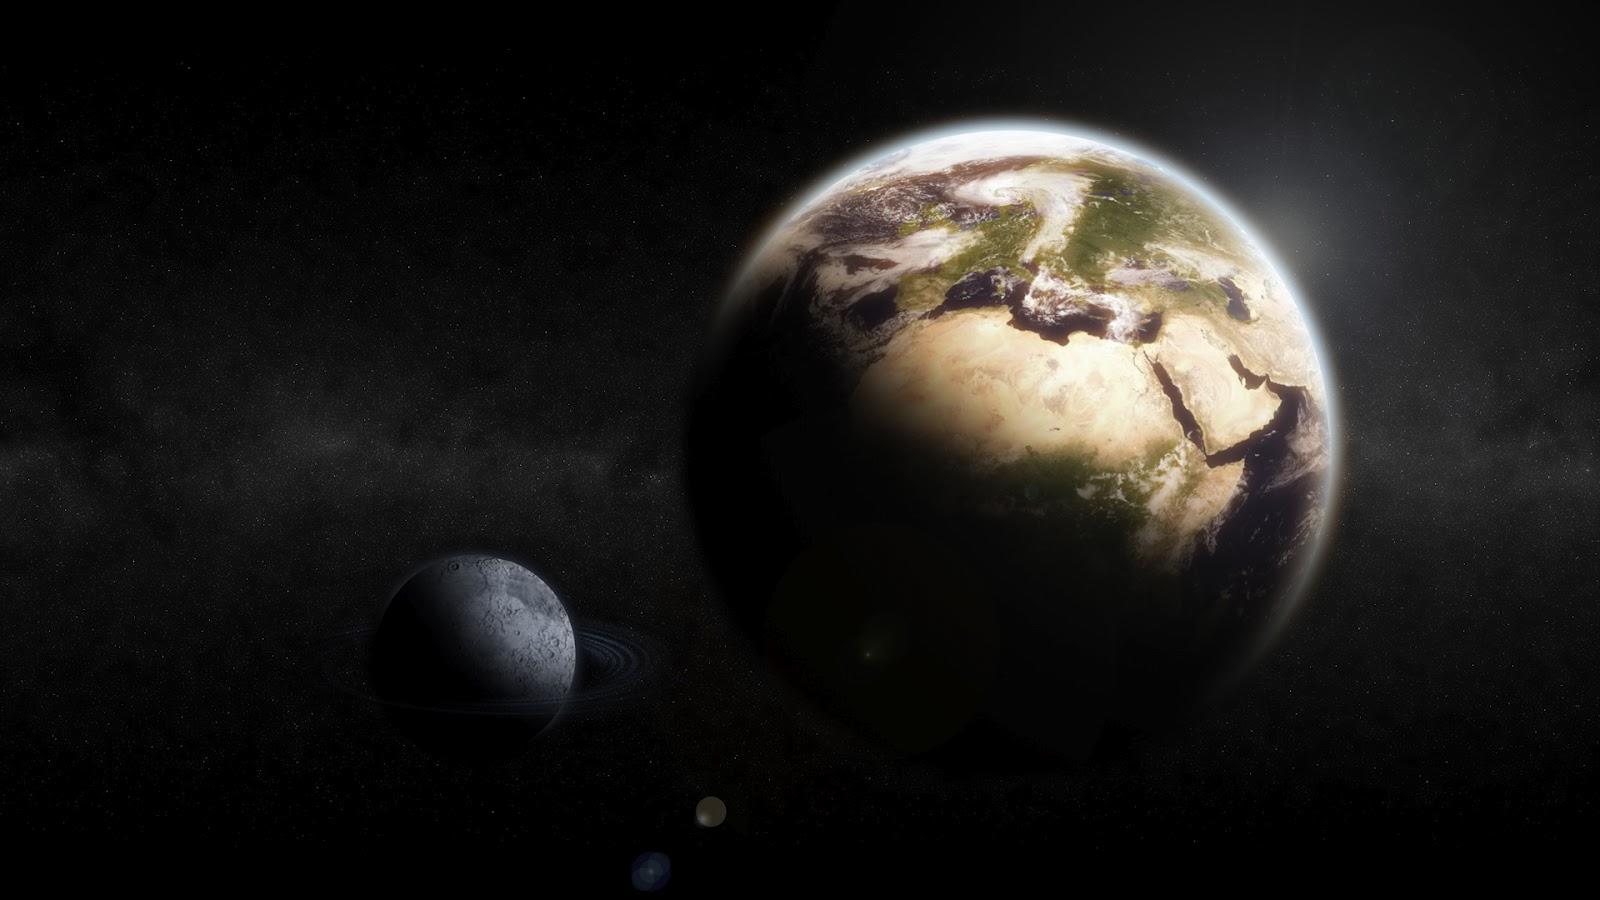 http://2.bp.blogspot.com/-B5qnkRfixuM/UCY3oeW18dI/AAAAAAAAMcE/3n3l8Vy0Dv8/s1600/earth_and_moon_643.jpg